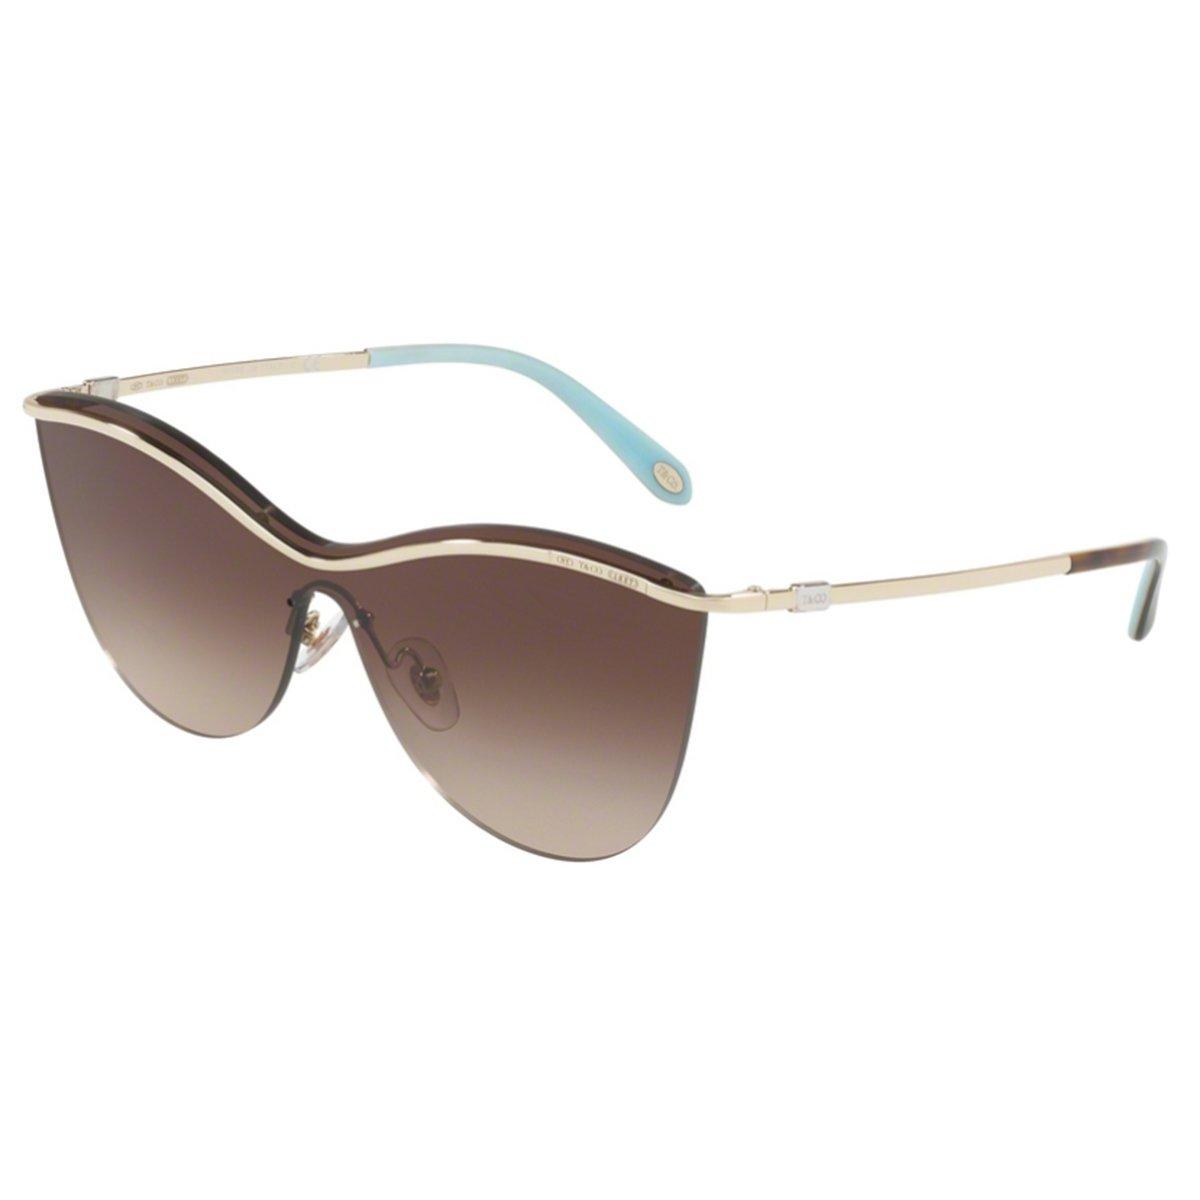 bd8355da542ec Compre Óculos de Sol Tiffany   Co. em 10X   Tri-Jóia Shop